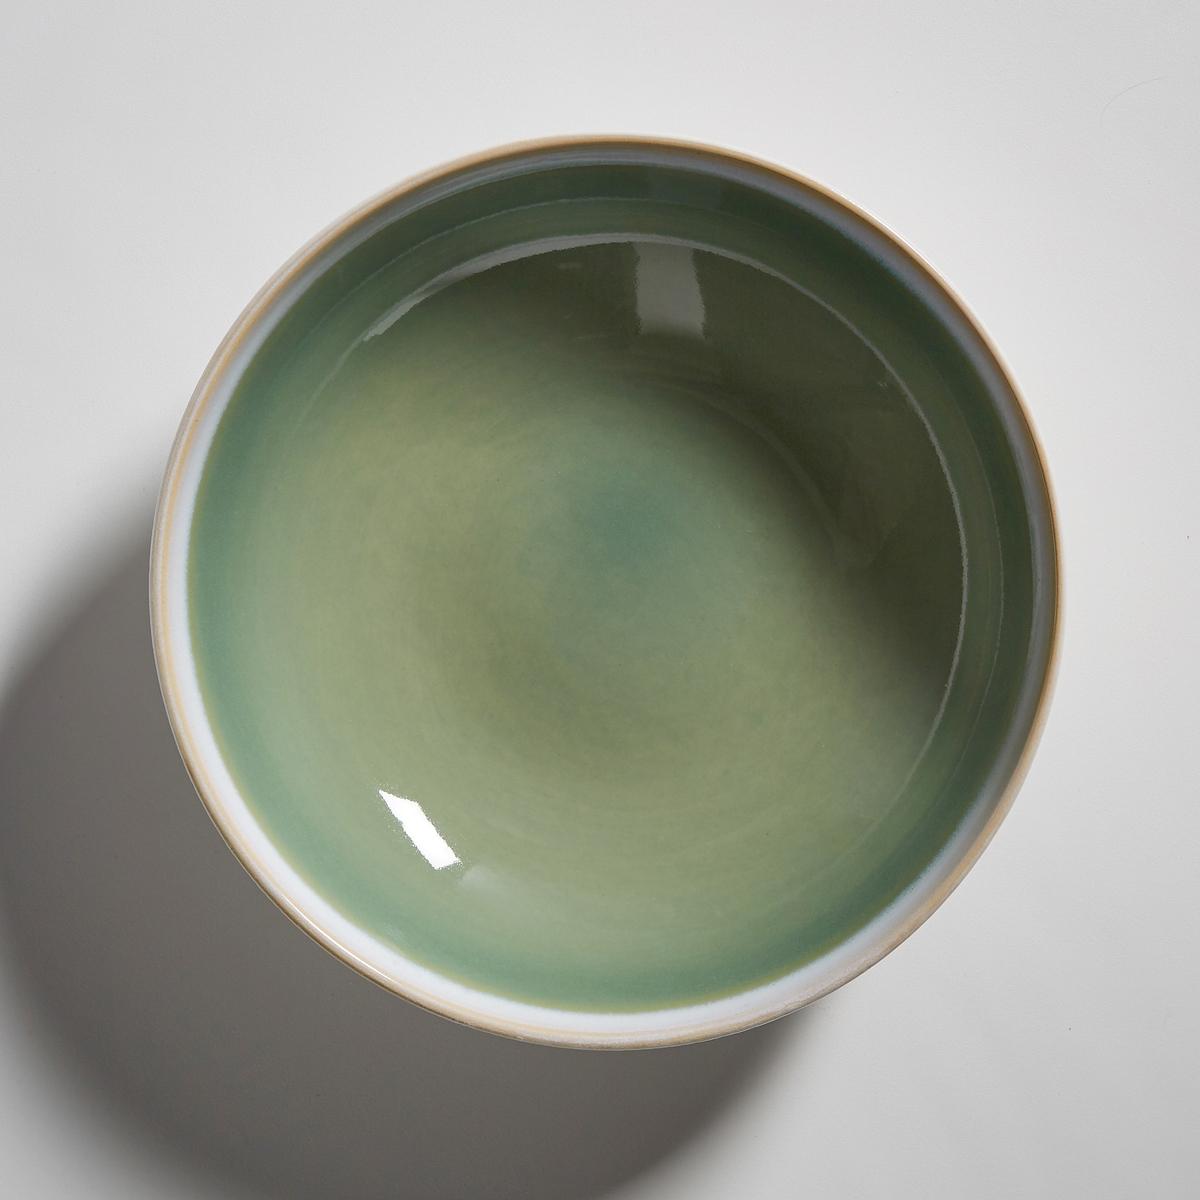 4 тарелки глубокие из керамики, D?onie4 тарелки глубокие D?onie La redoute Int?rieurs . Тарелки из керамики в очень насыщенных и ярких тонах   . Контрастные края и однотонная центральная часть с белым матовым контуром. Характеристики 4 глубоких тарелок D?onie :- Глубокие тарелки из керамики- Диаметр : 17,8 см    - Можно использовать в микроволновой печи и мыть в посудомоечной машине- Продаются в комплекте из 4 штукНайдите комплект посуды D?onie на нашем сайте .<br><br>Цвет: зеленая мята,синий